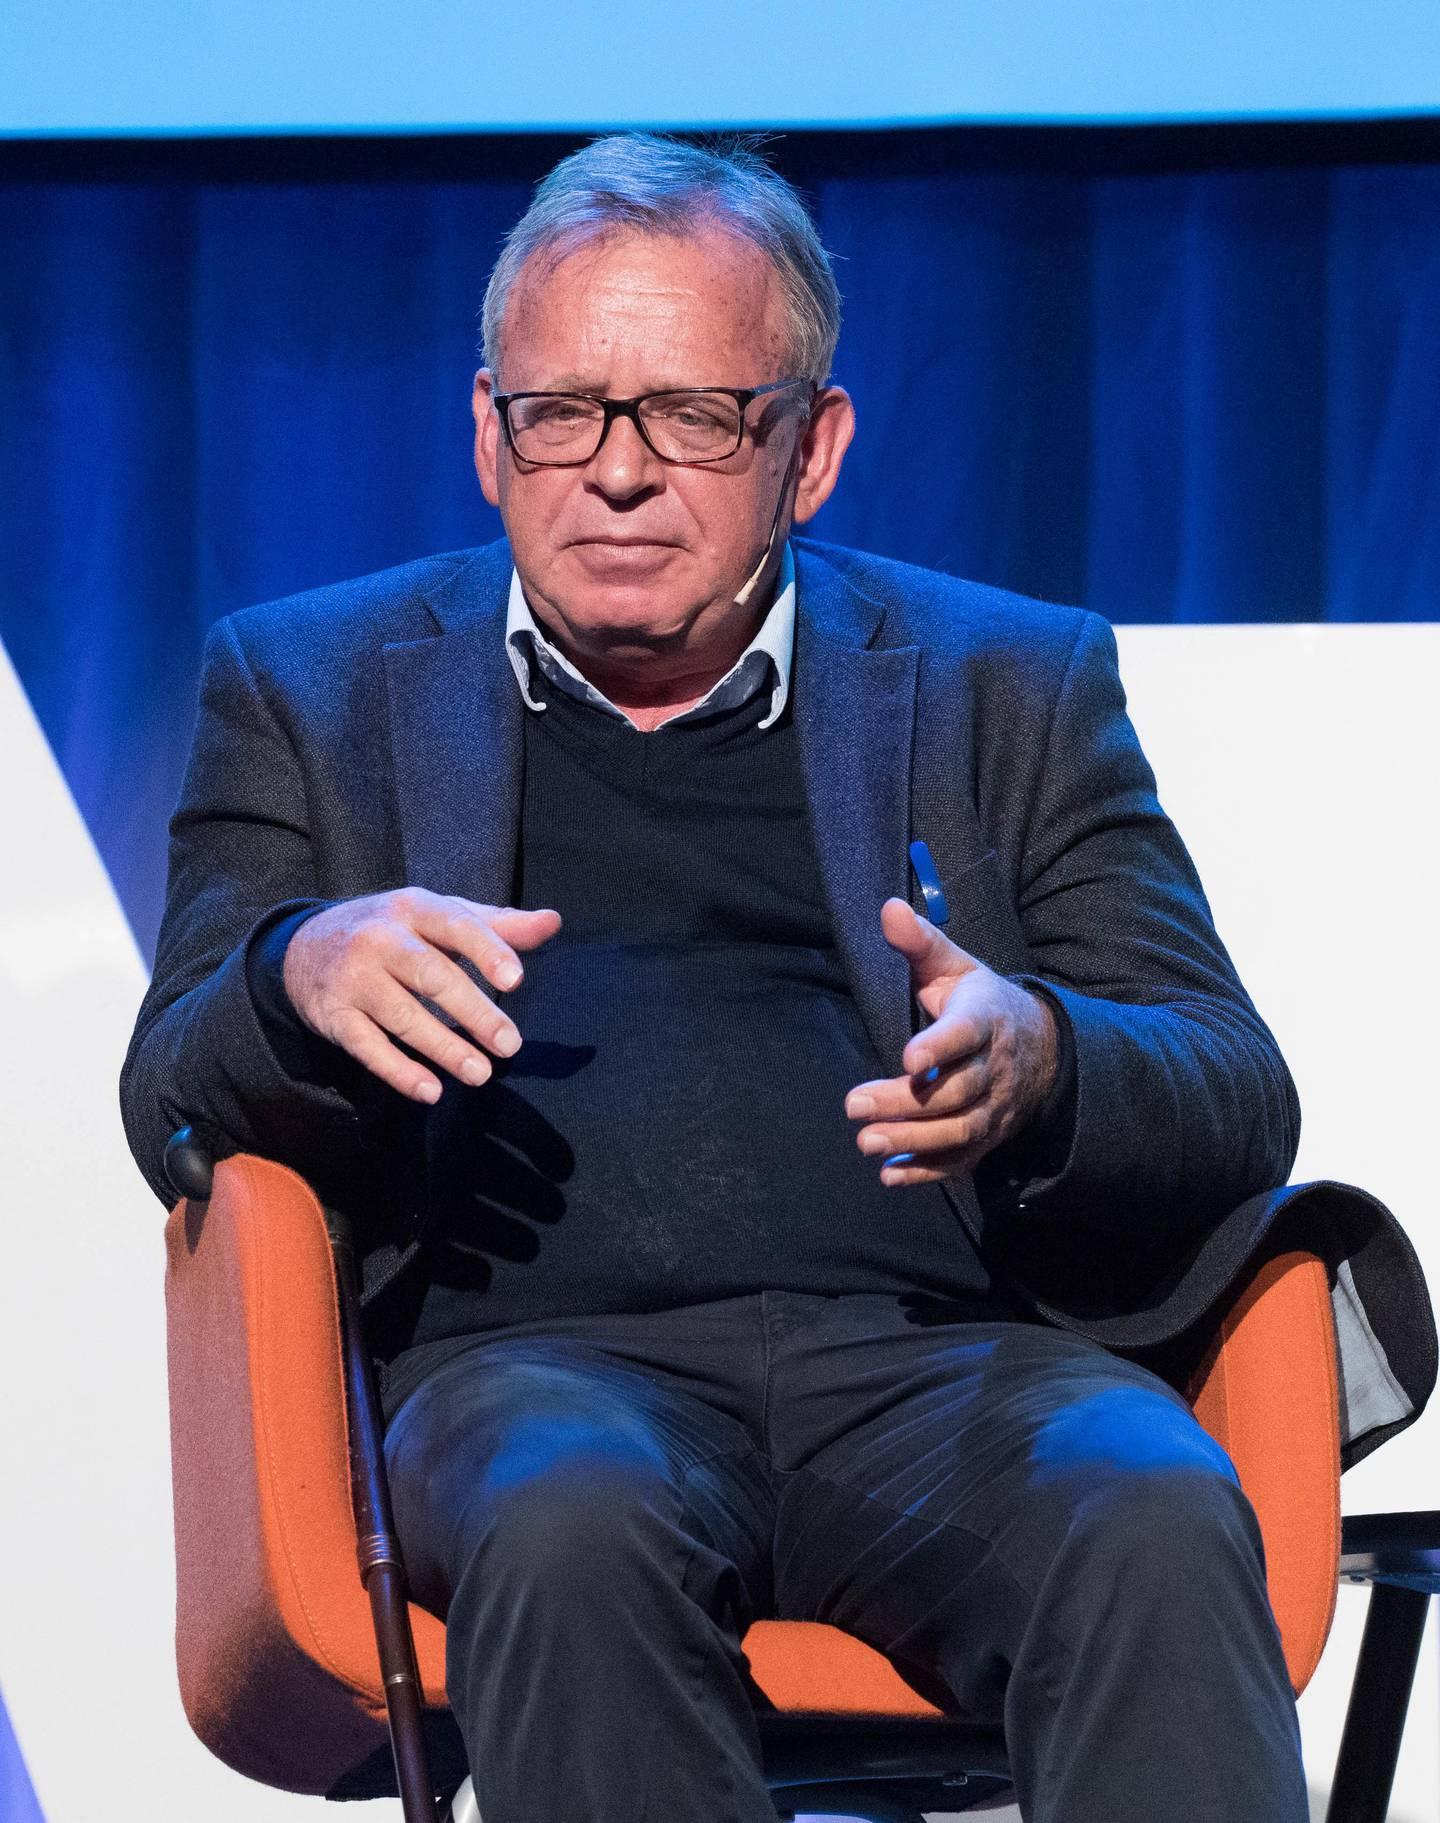 Jostein Gripsrud er medieviter og har forsket på forholdet mellom majoriteter og minoriteter i Norge og Frankrike.